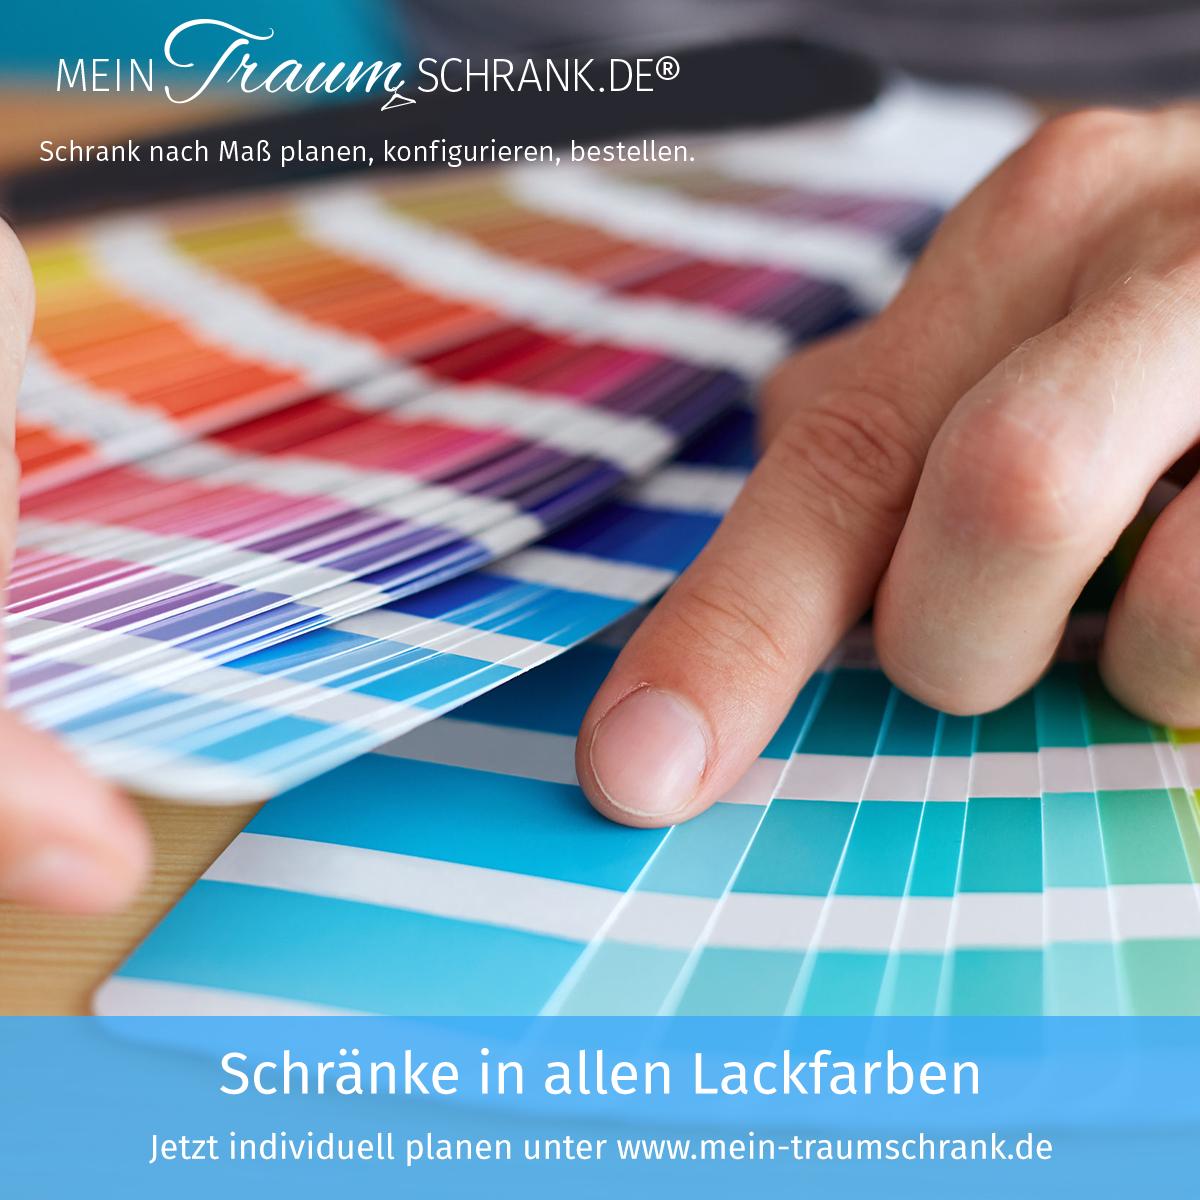 Mein Schrank Nach Mass Einfach Planen Konfigurieren Und Bestellen In 2020 Mit Bildern Lackfarbe Lack Farben